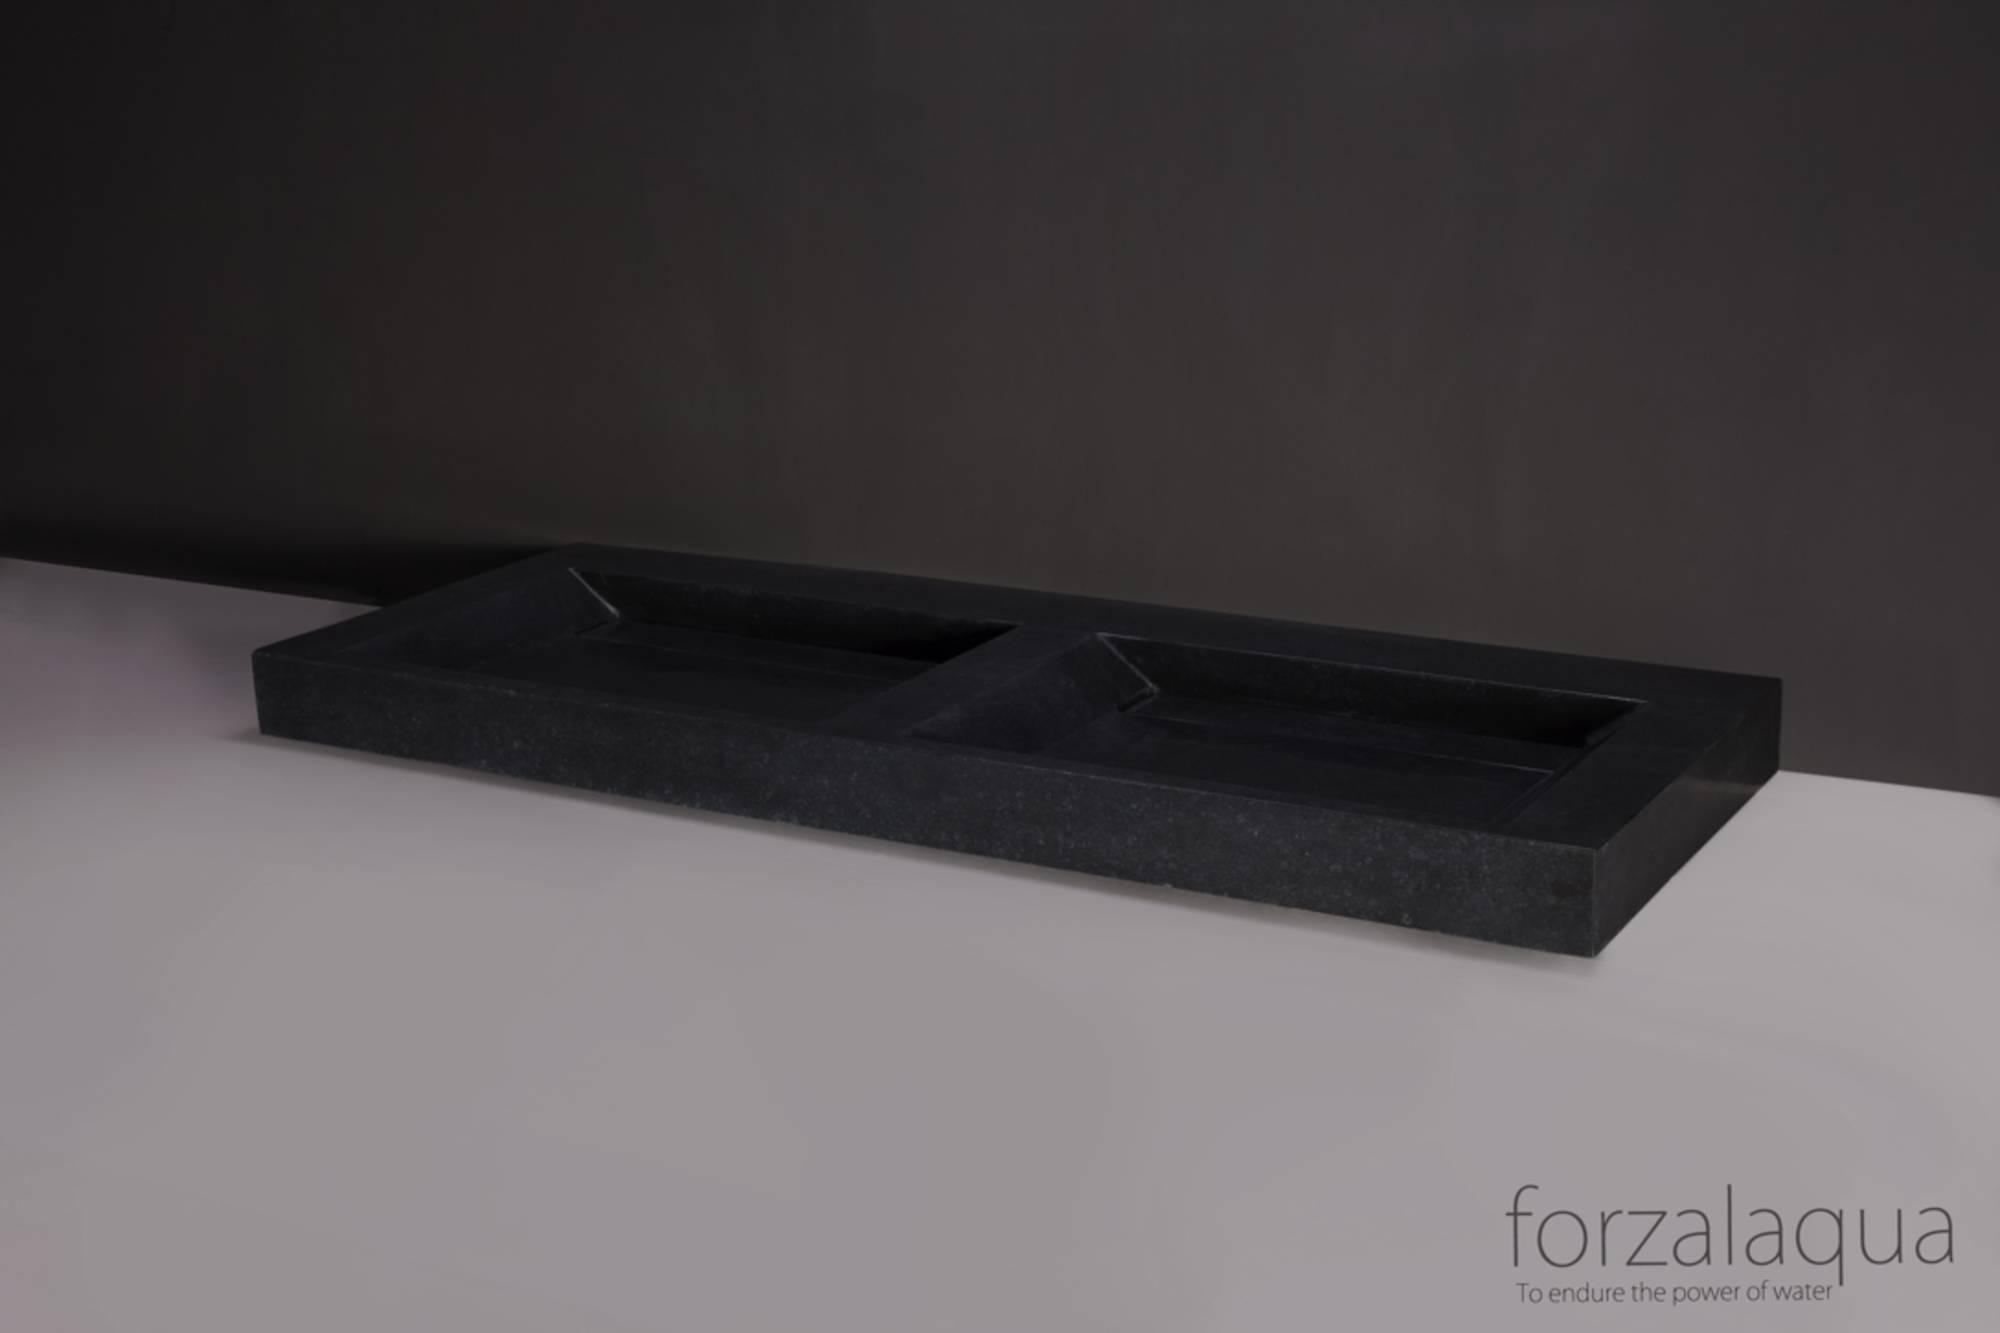 Productafbeelding van Forzalaqua Bellezza Doppio wastafel 140,5x51,5x9cm Graniet gezoet